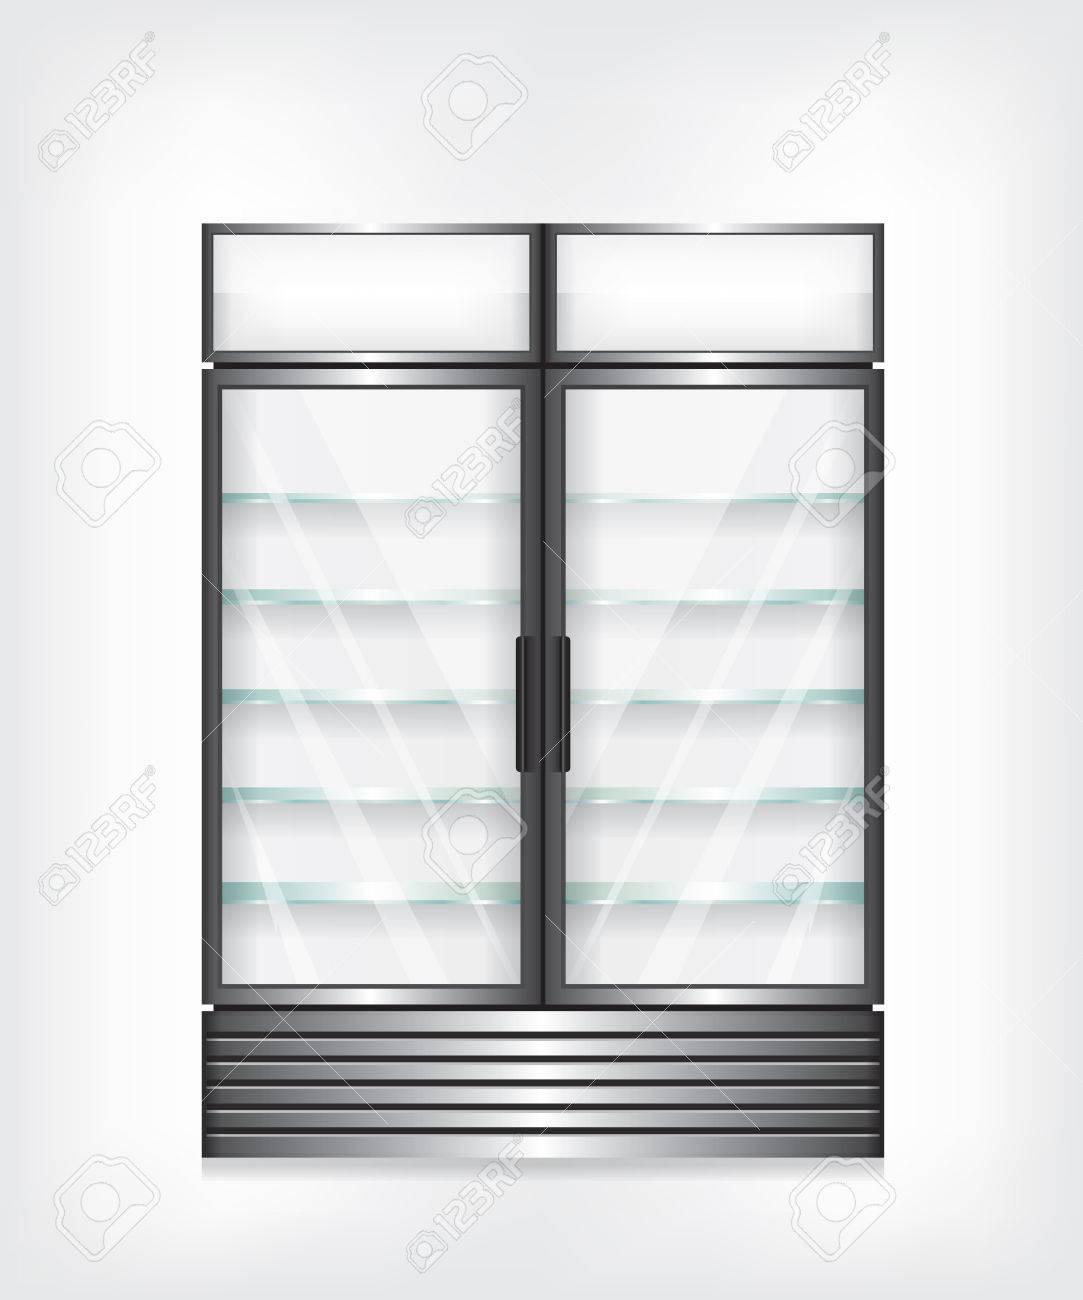 Gewerbe Kühlschrank Mit Zwei Türen Und Glasböden Lizenzfrei Nutzbare ...